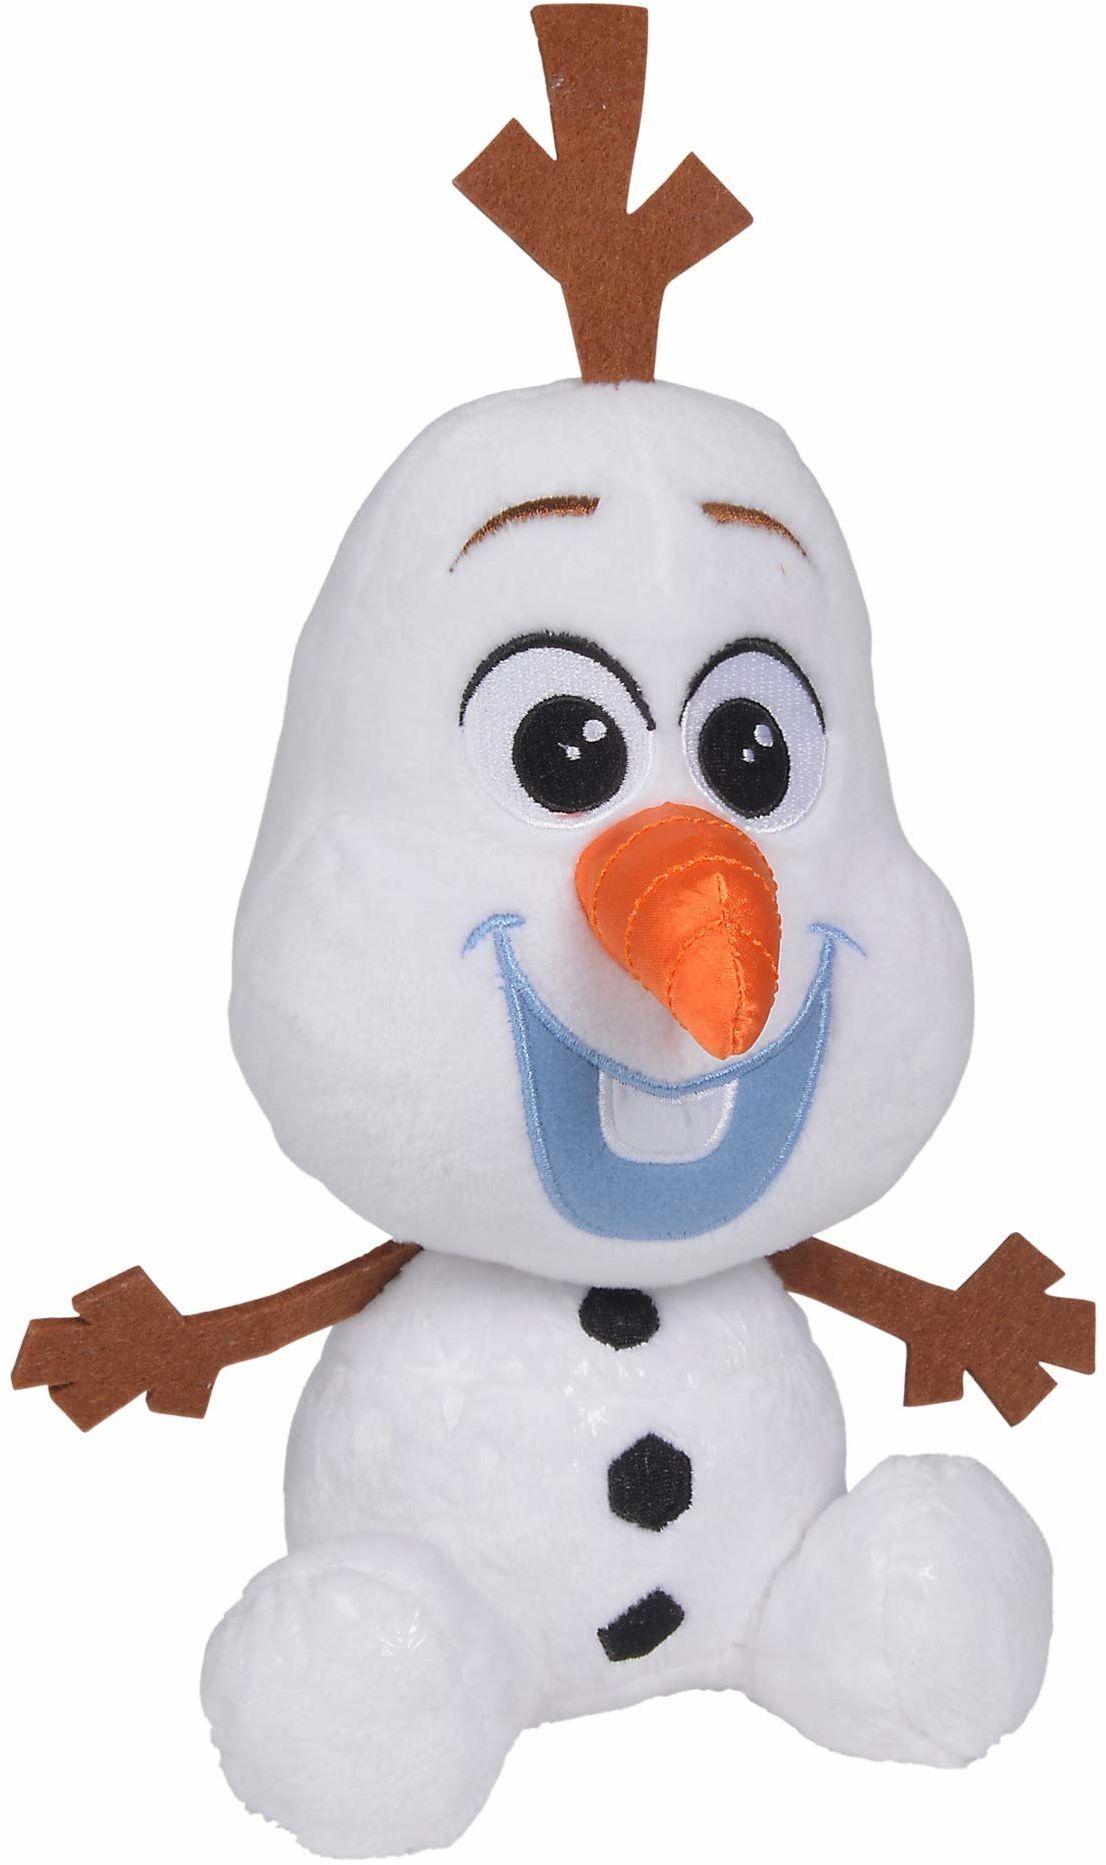 Simba 6315877556 Disney Frozen 2, Chunky Olaf, 25 cm, wielokolorowy